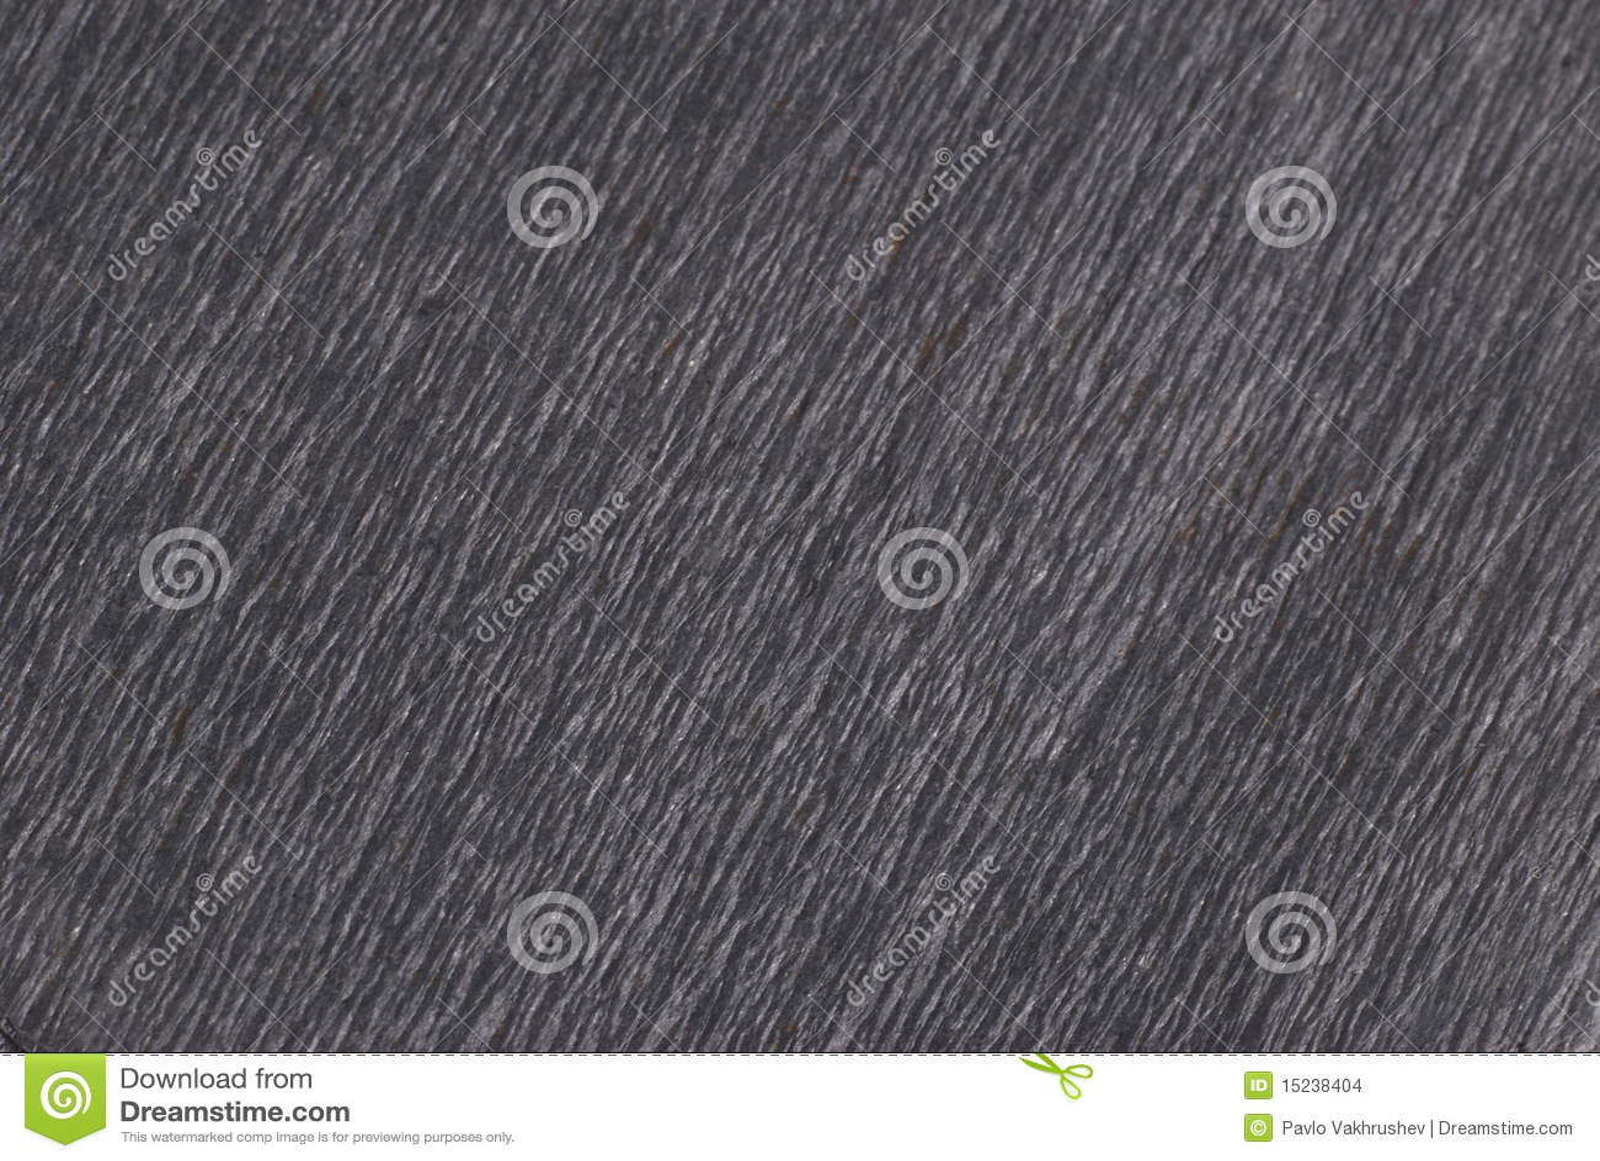 texture de pierre grise images stock image 15238404. Black Bedroom Furniture Sets. Home Design Ideas